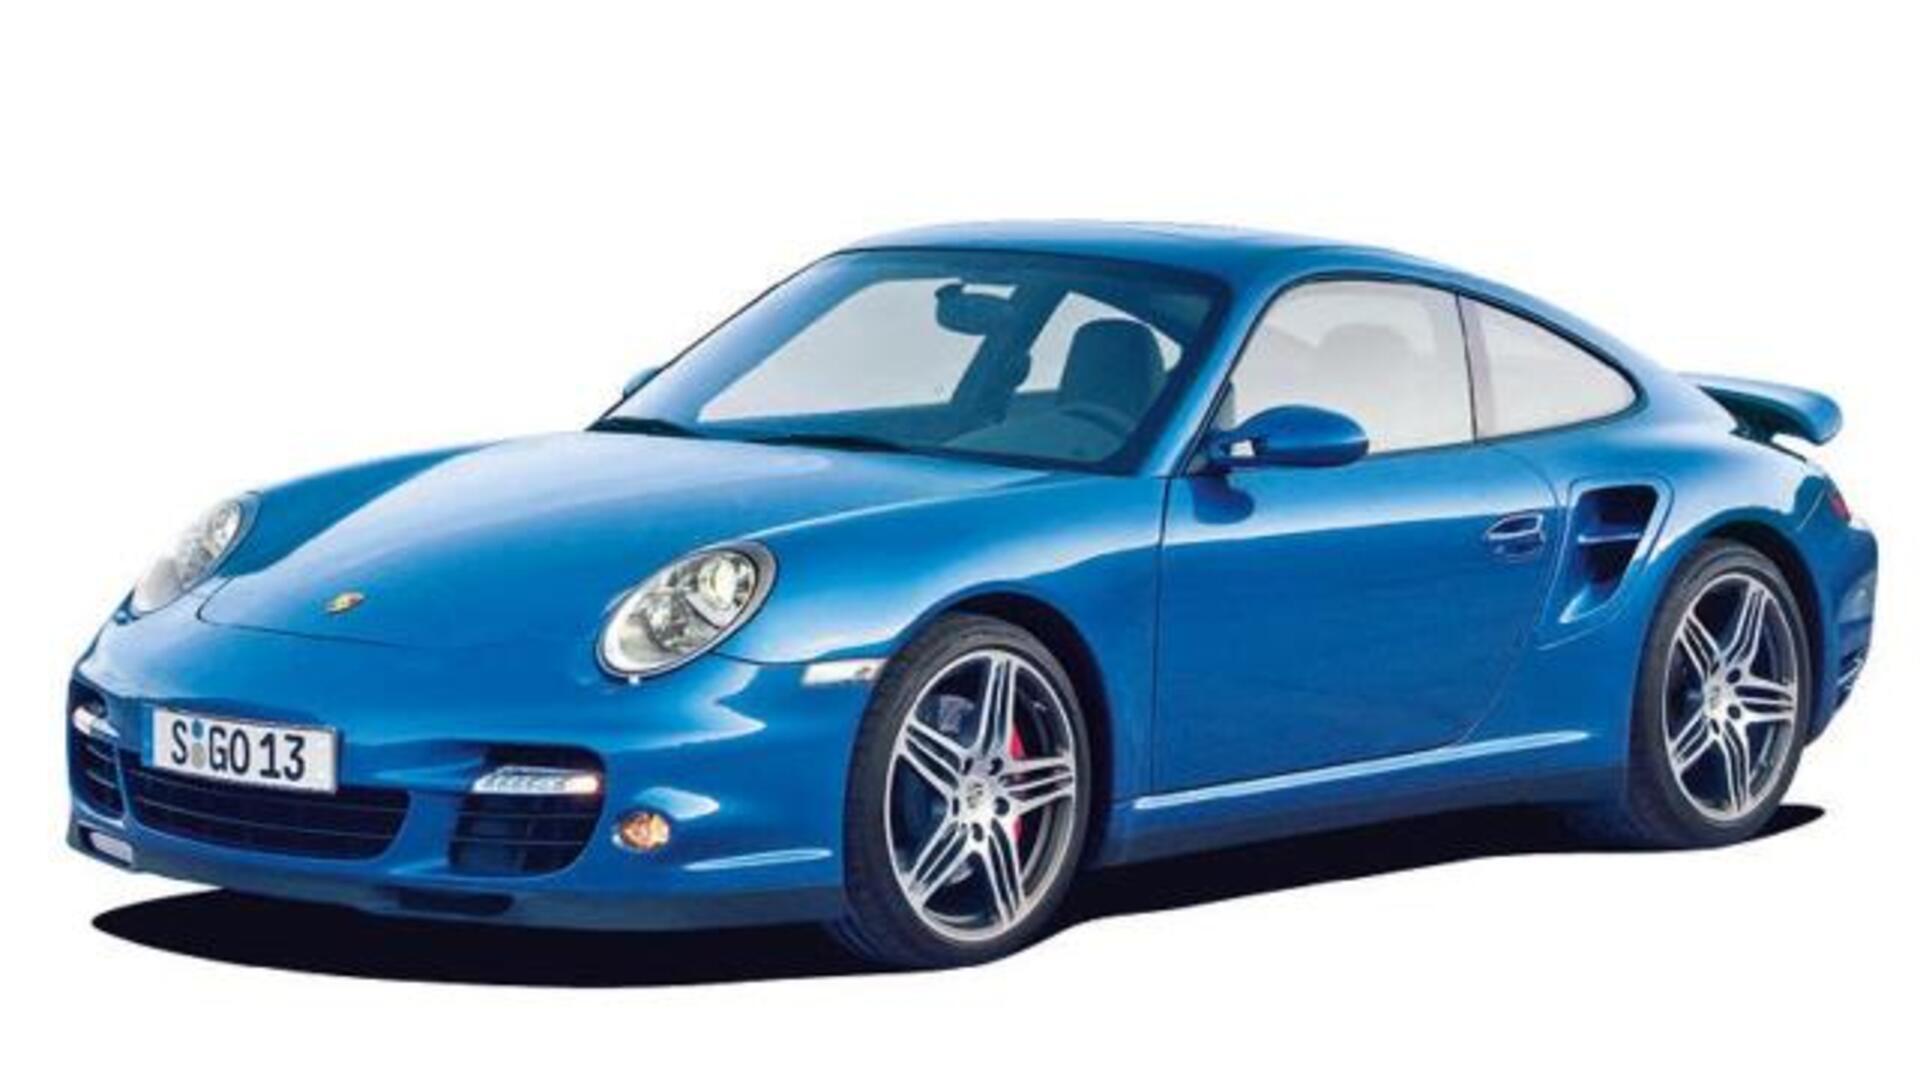 Porsche 911 Turbo 997 2020 Porsche Ag